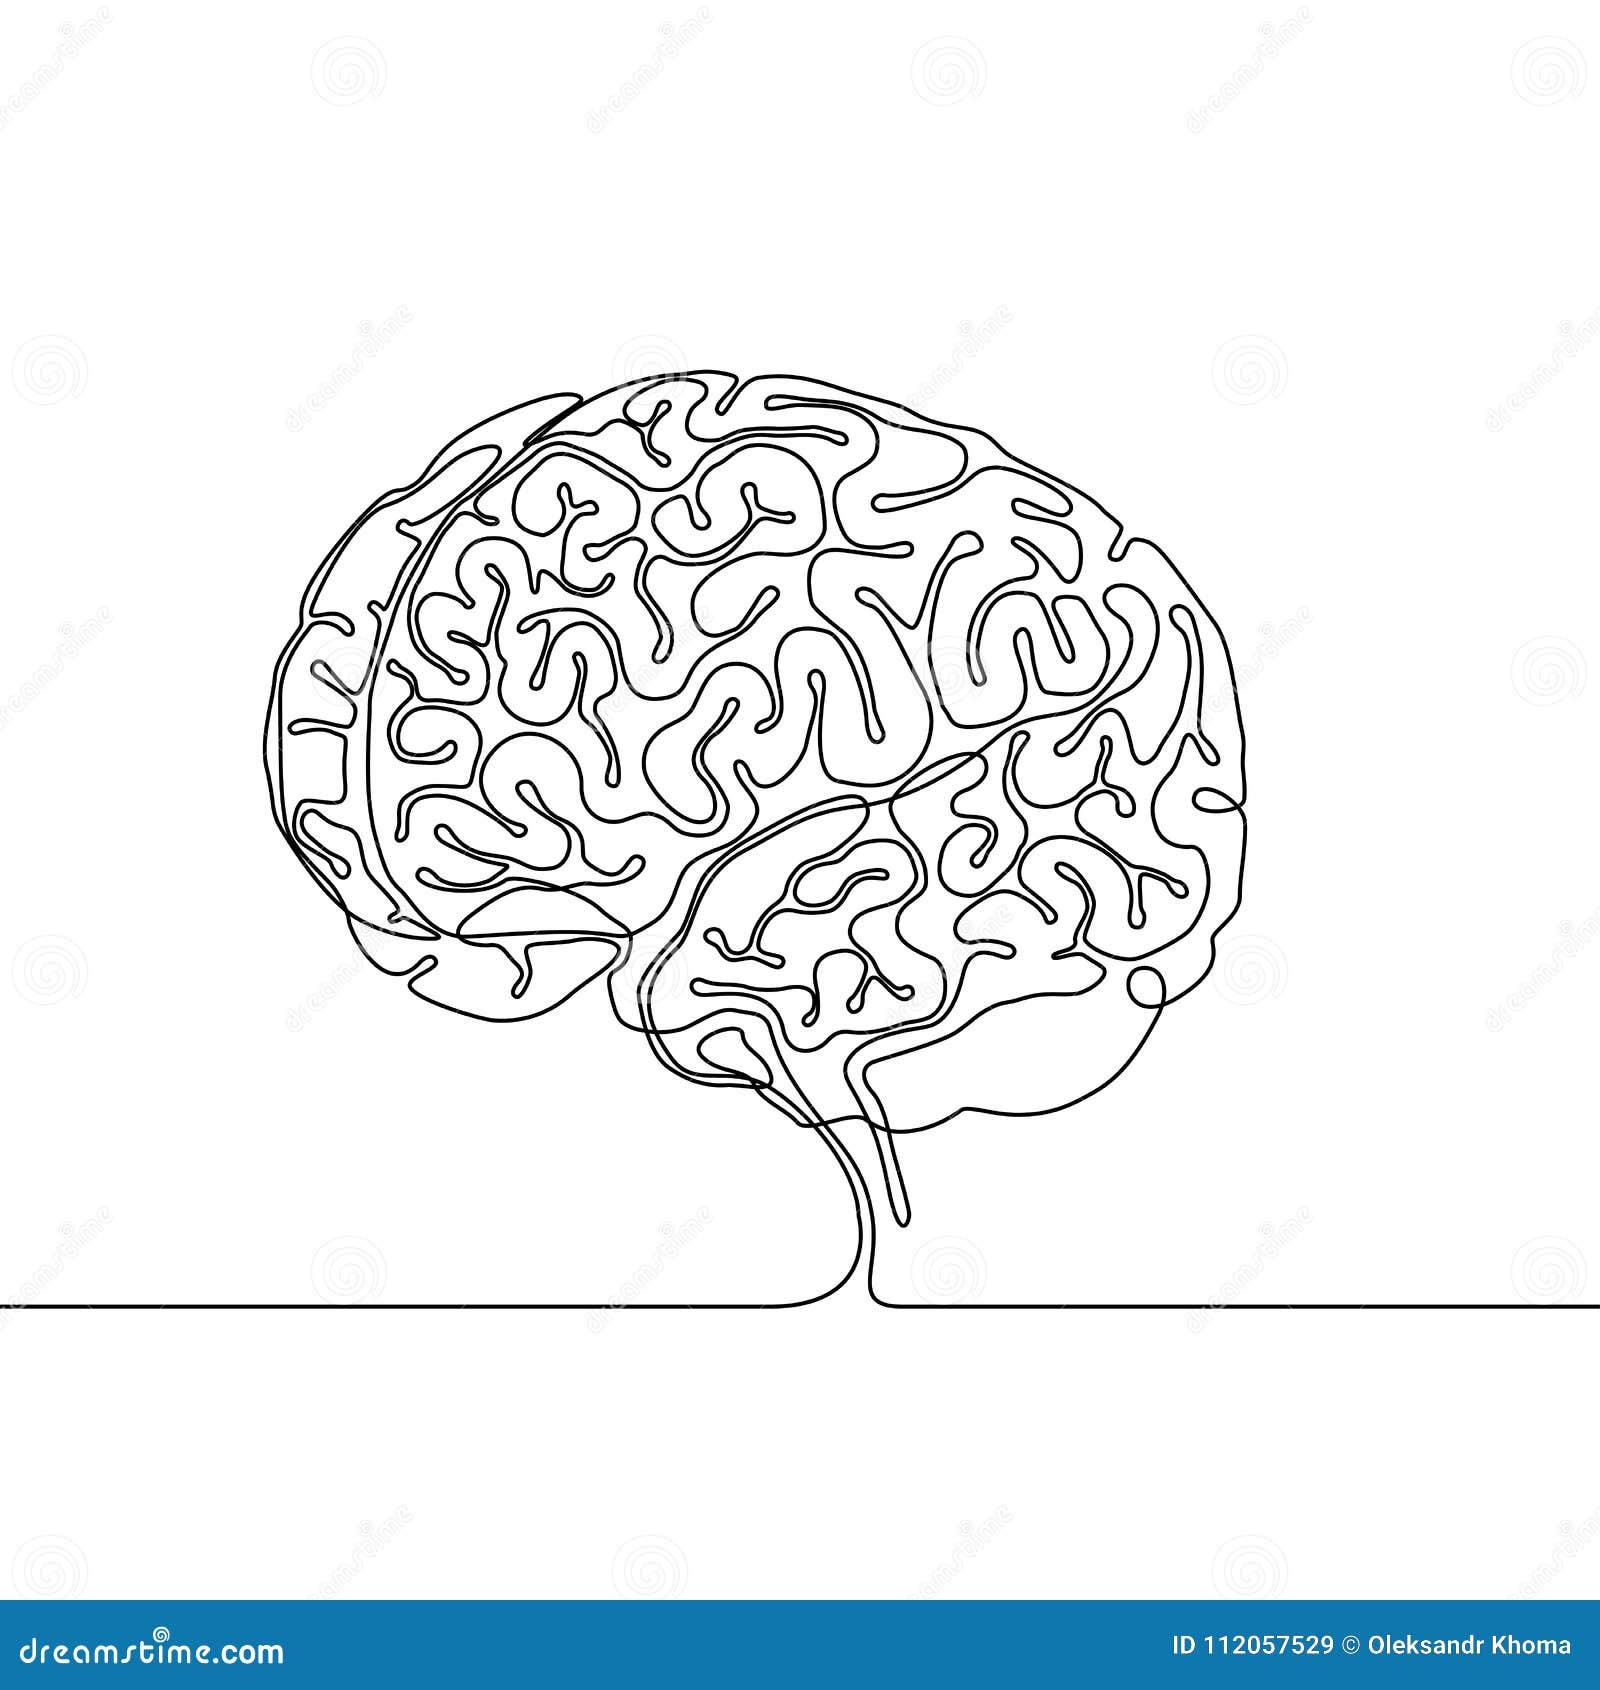 Dibujo lineal continuo de un cerebro humano con las convoluciones del cerebro y los surcos